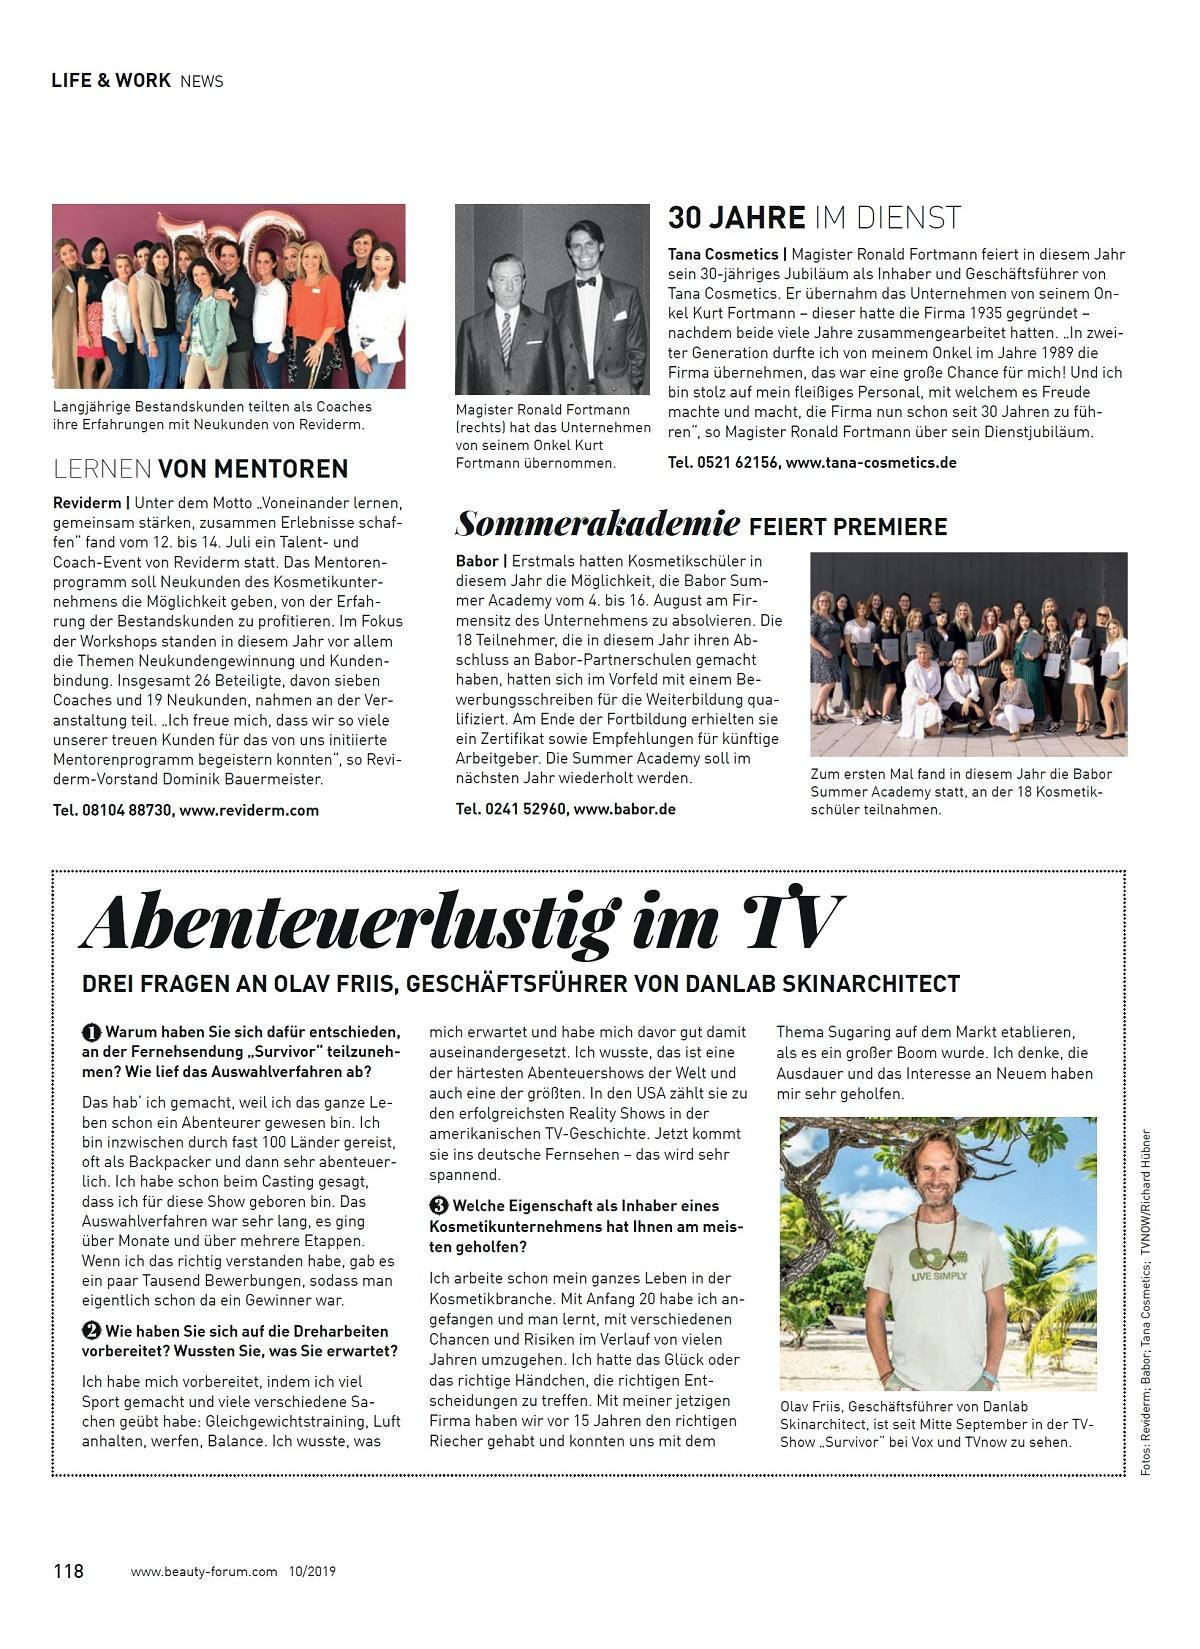 3 Fragen an Olav Friis - SURVIVOR